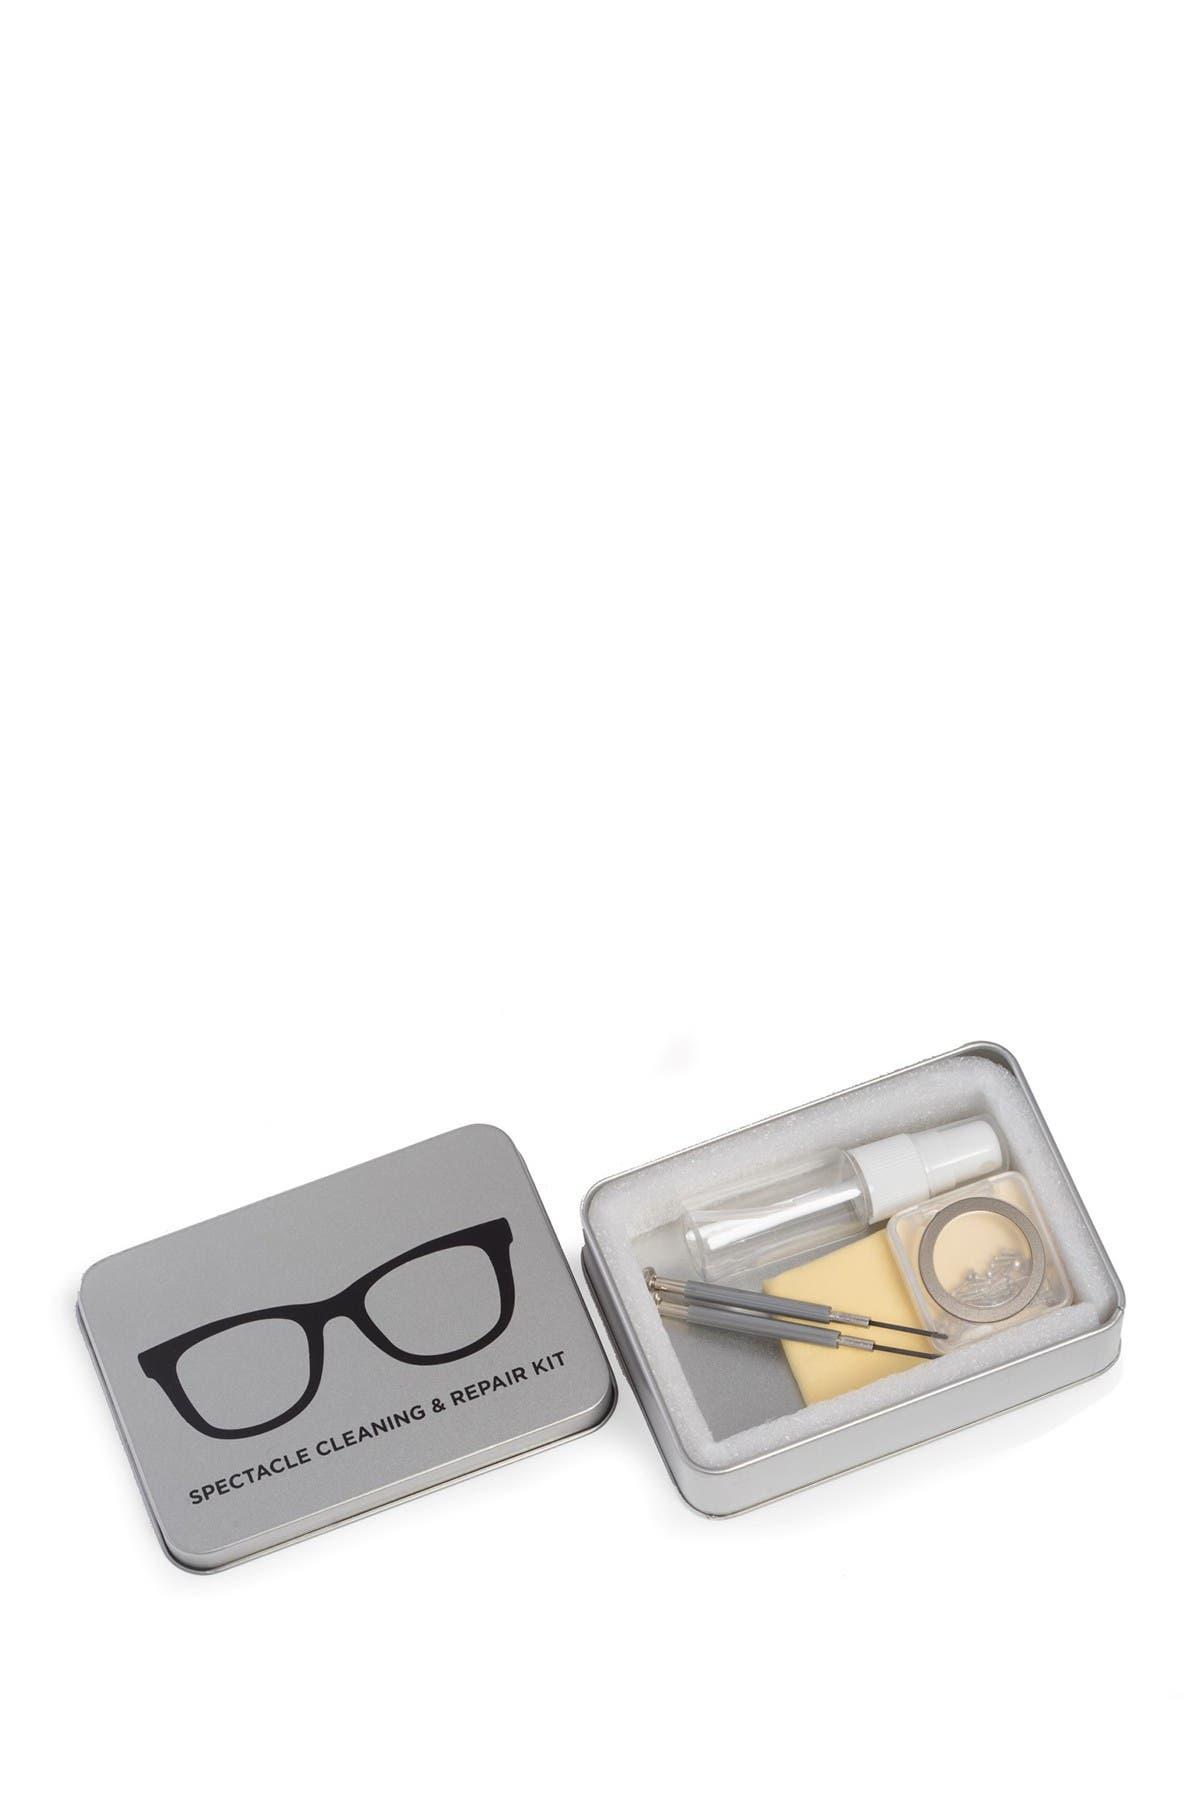 Image of Bey-Berk Eye Glass Cleaning & Repair Kit